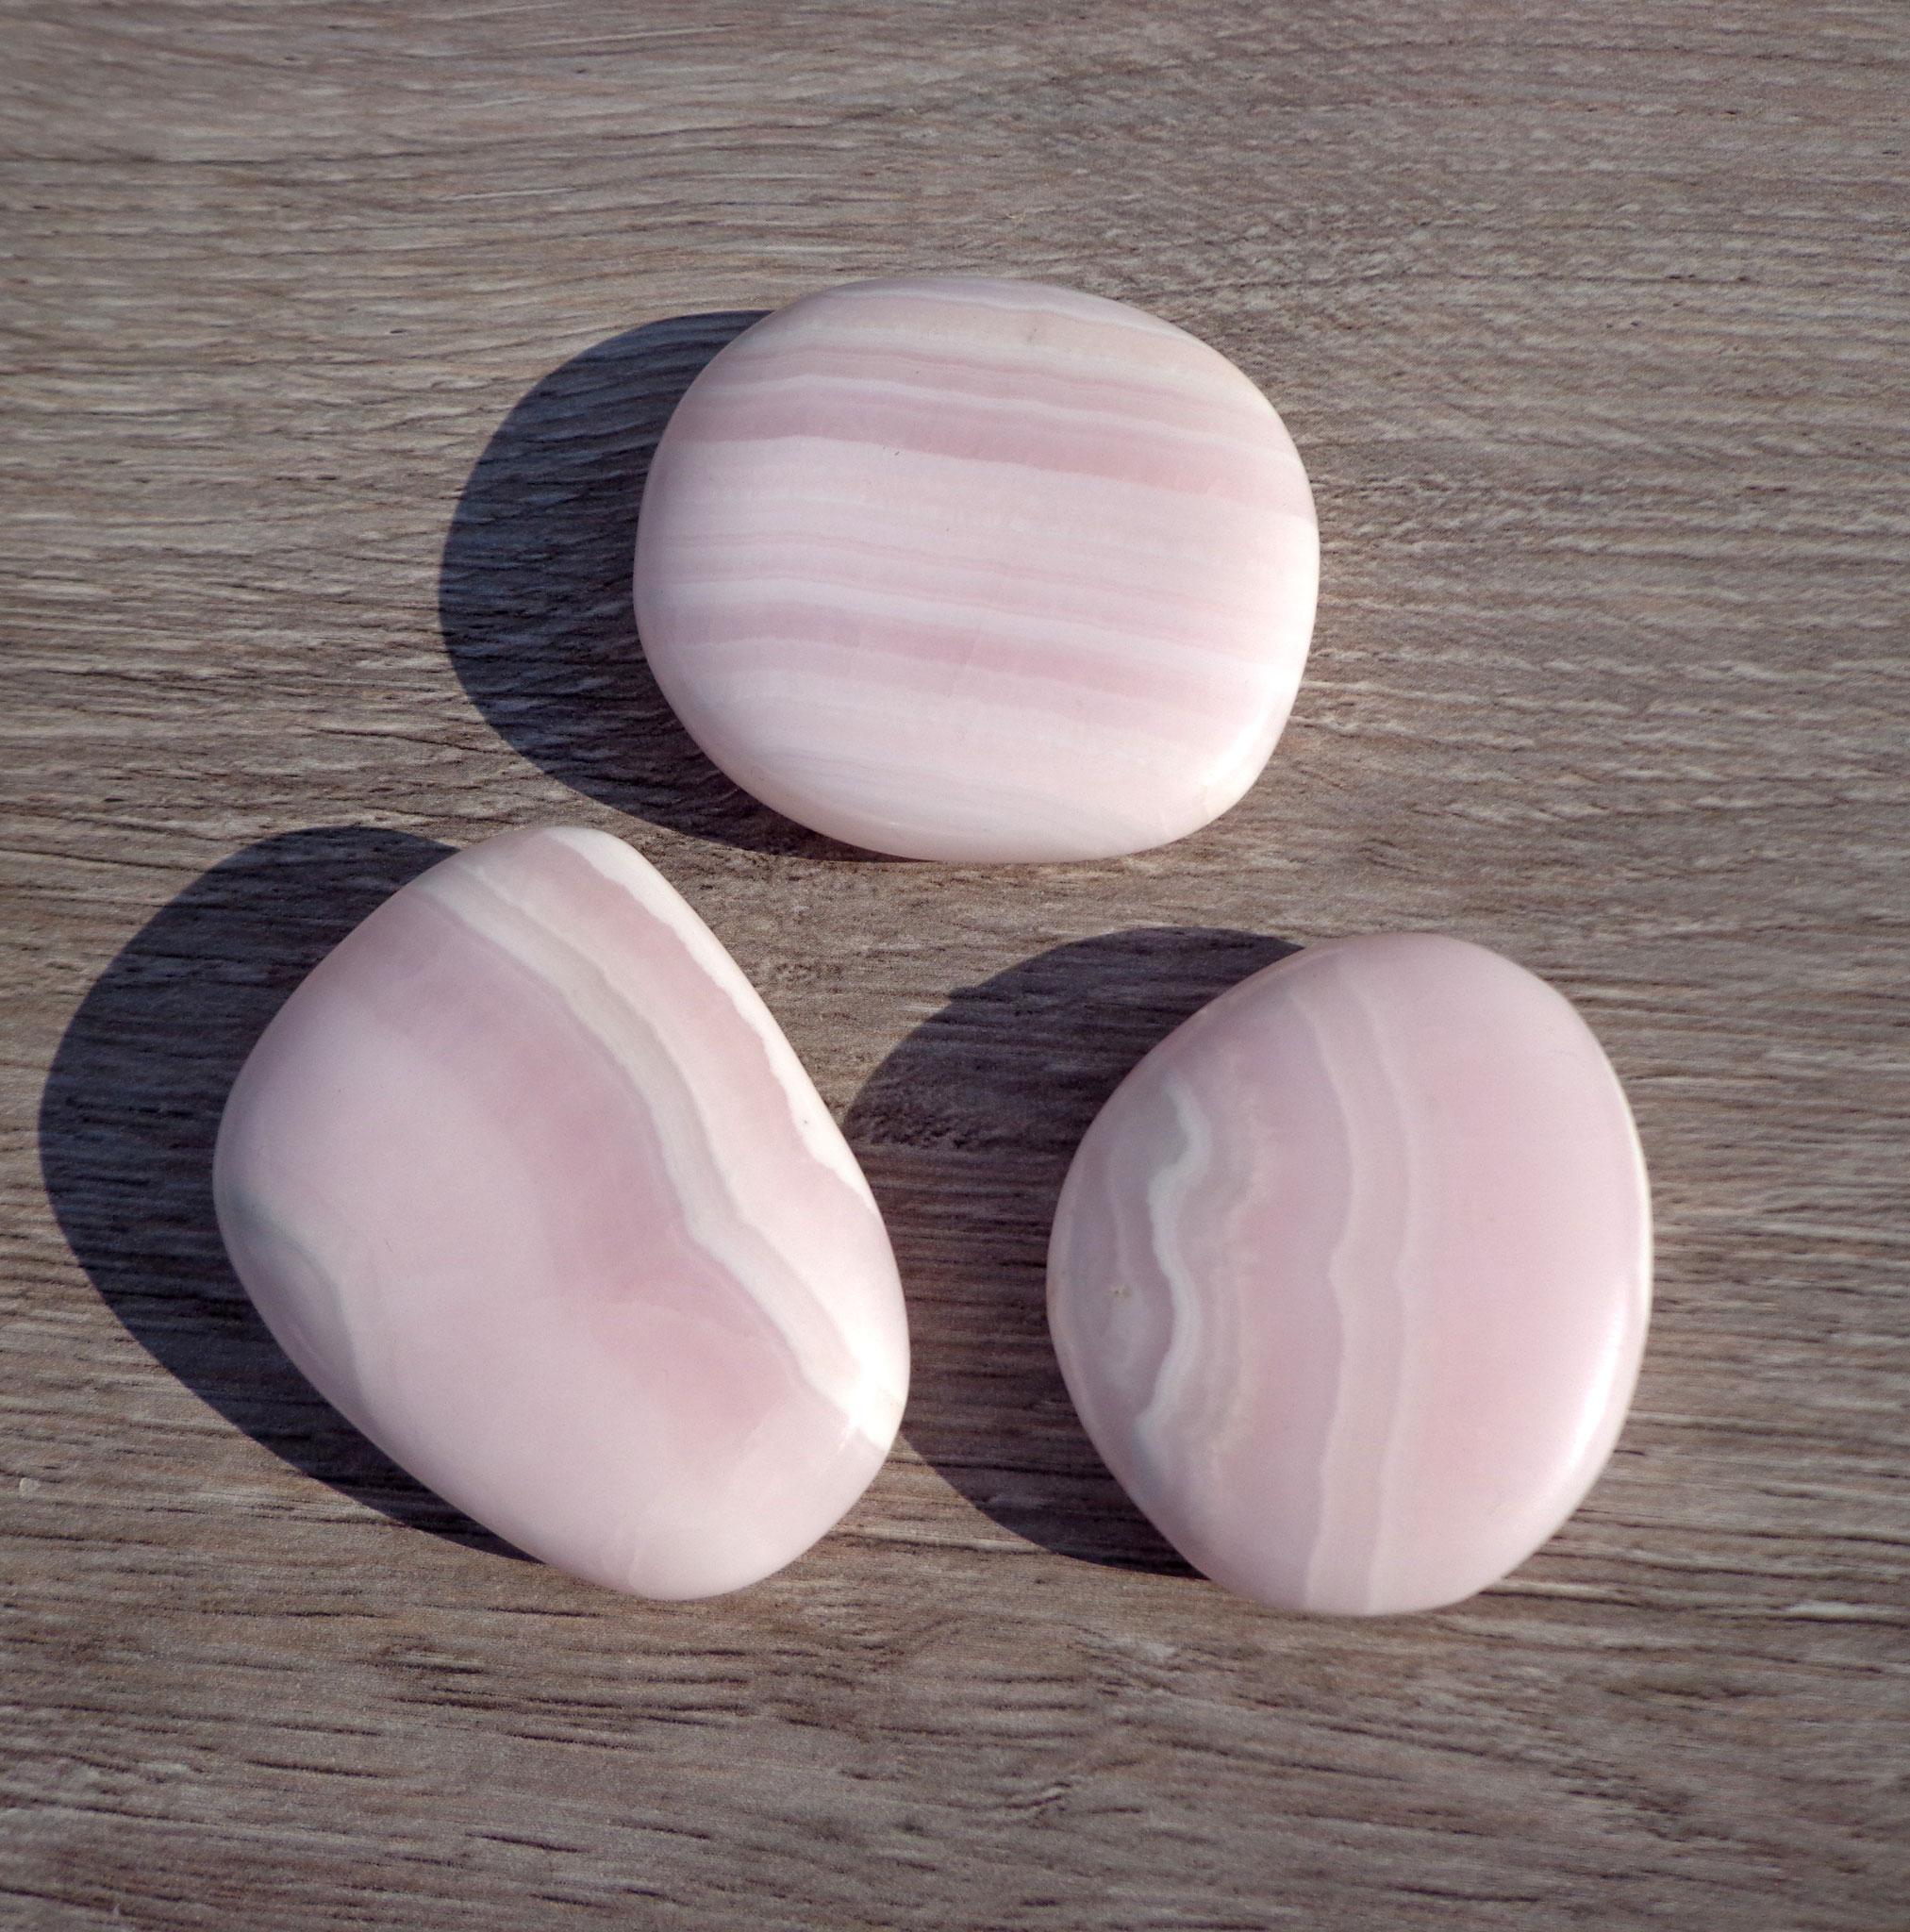 Manganocalcite